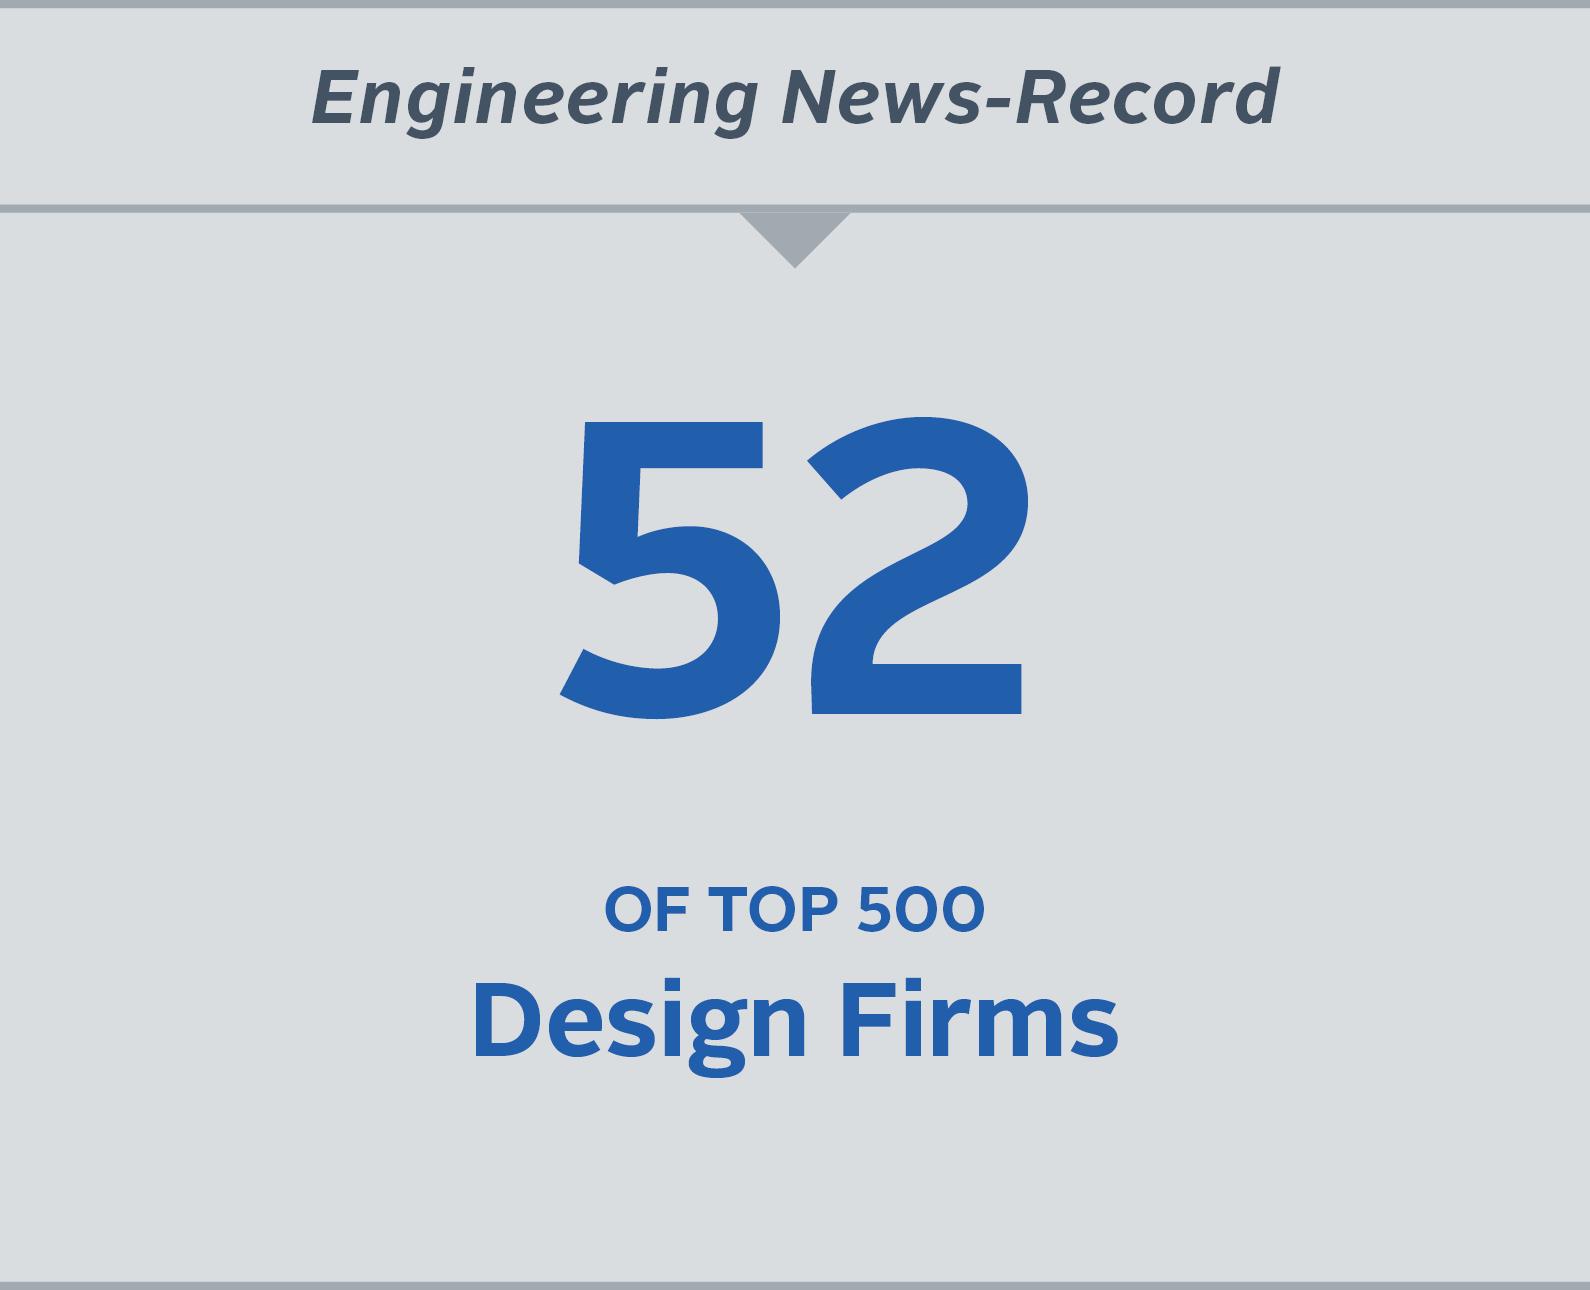 Top Design Firms.